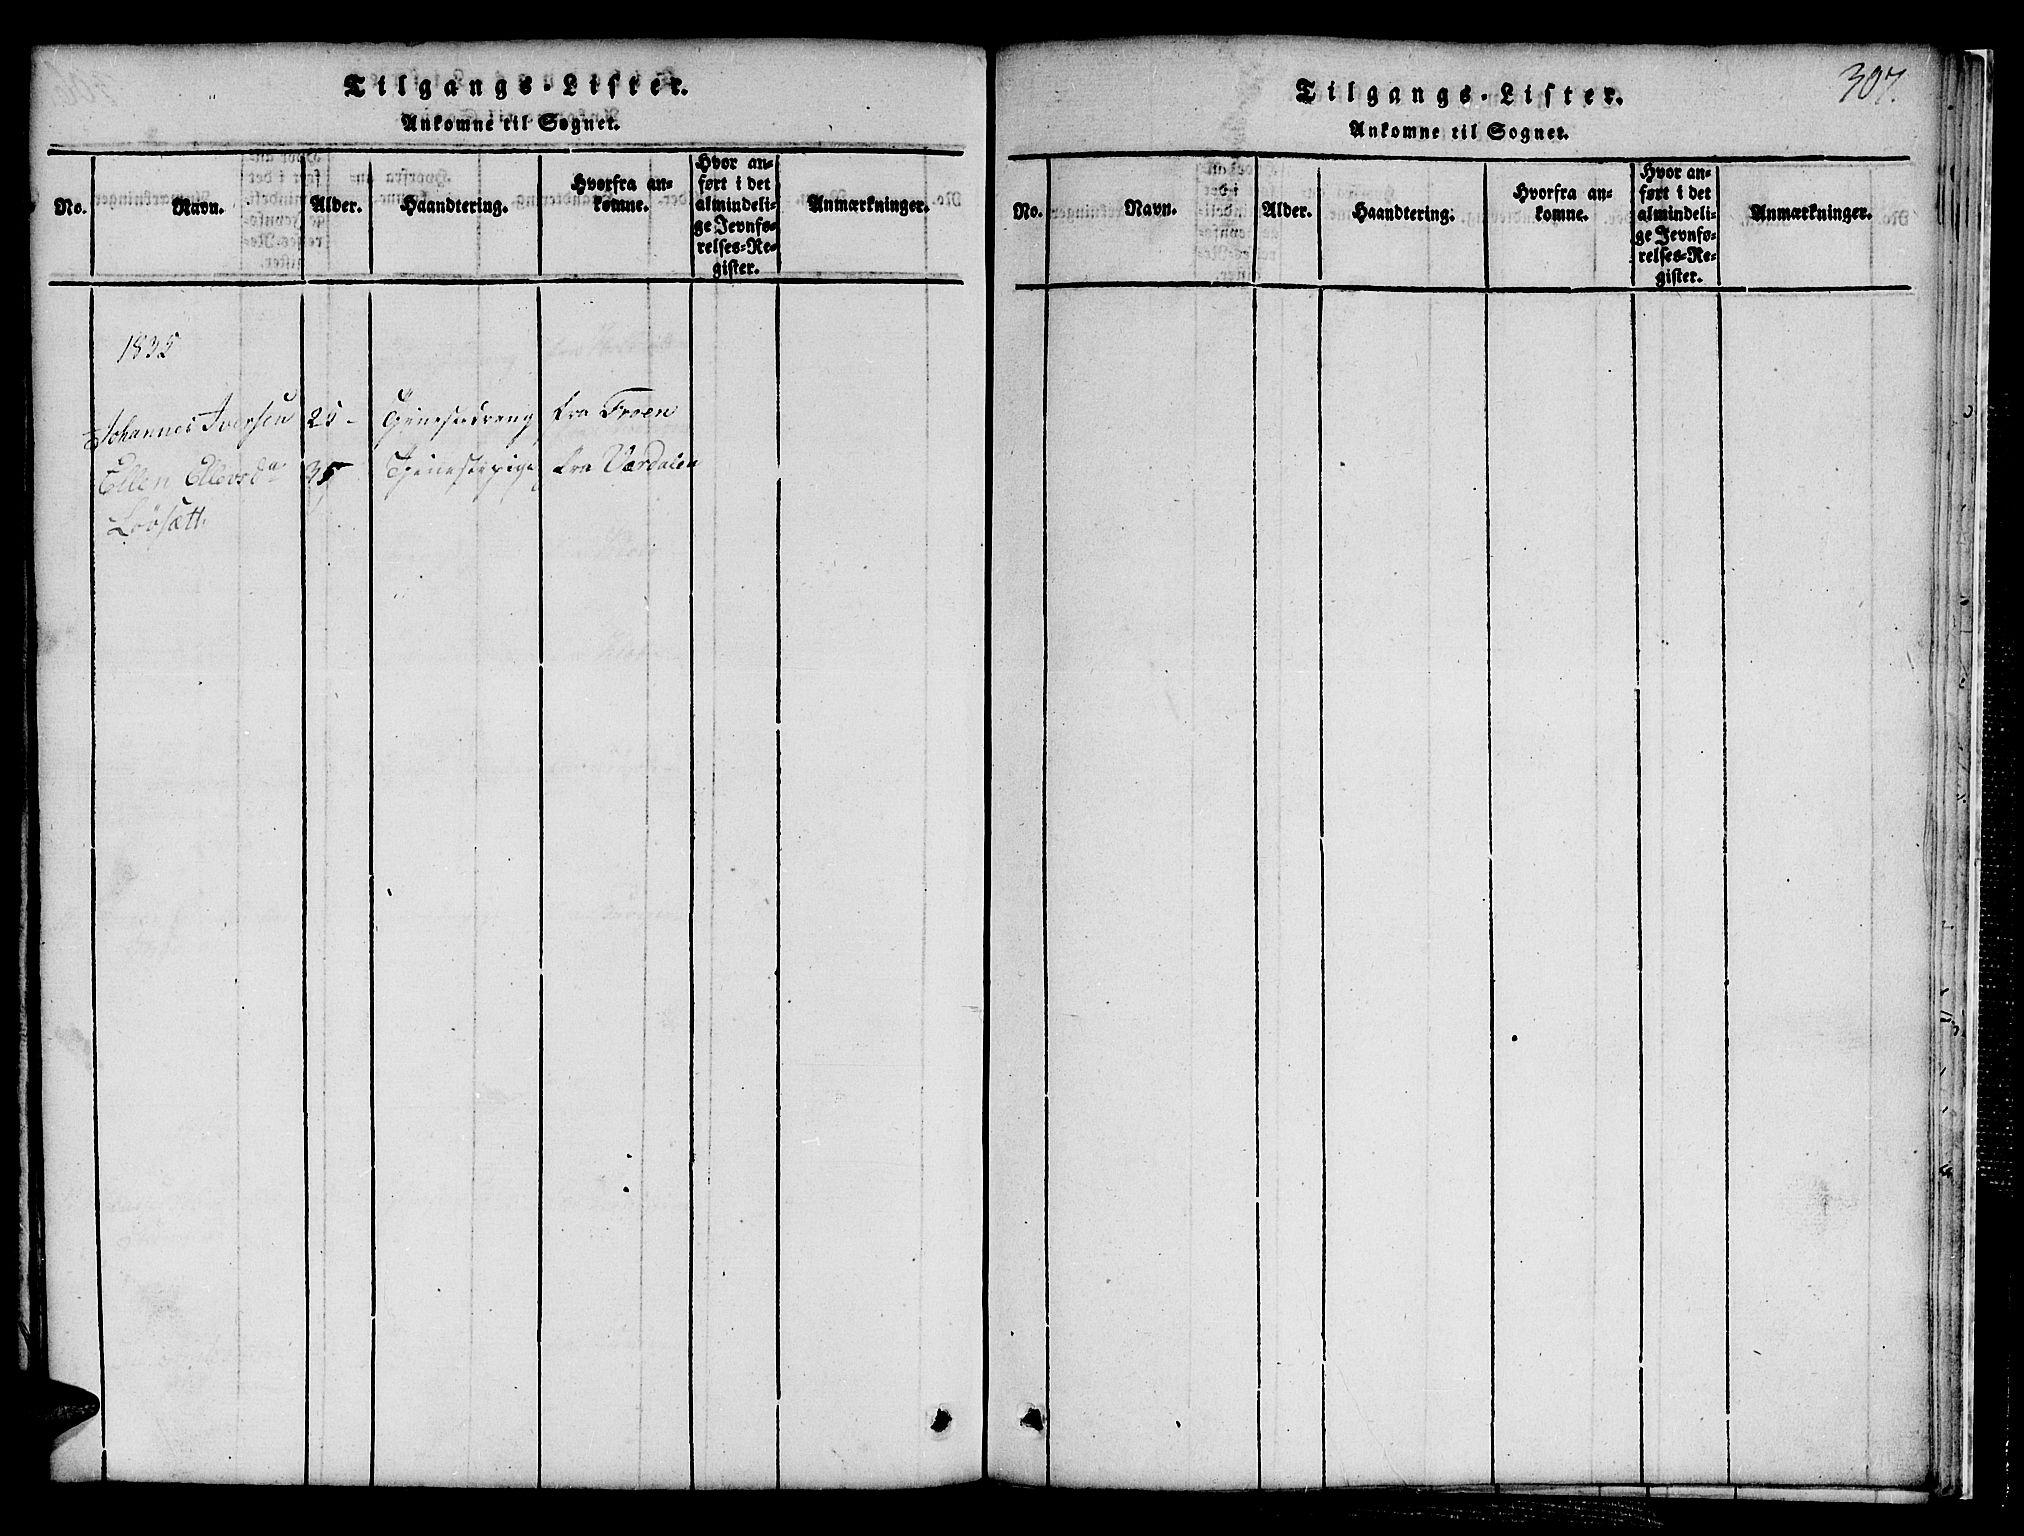 SAT, Ministerialprotokoller, klokkerbøker og fødselsregistre - Sør-Trøndelag, 691/L1092: Klokkerbok nr. 691C03, 1816-1852, s. 307